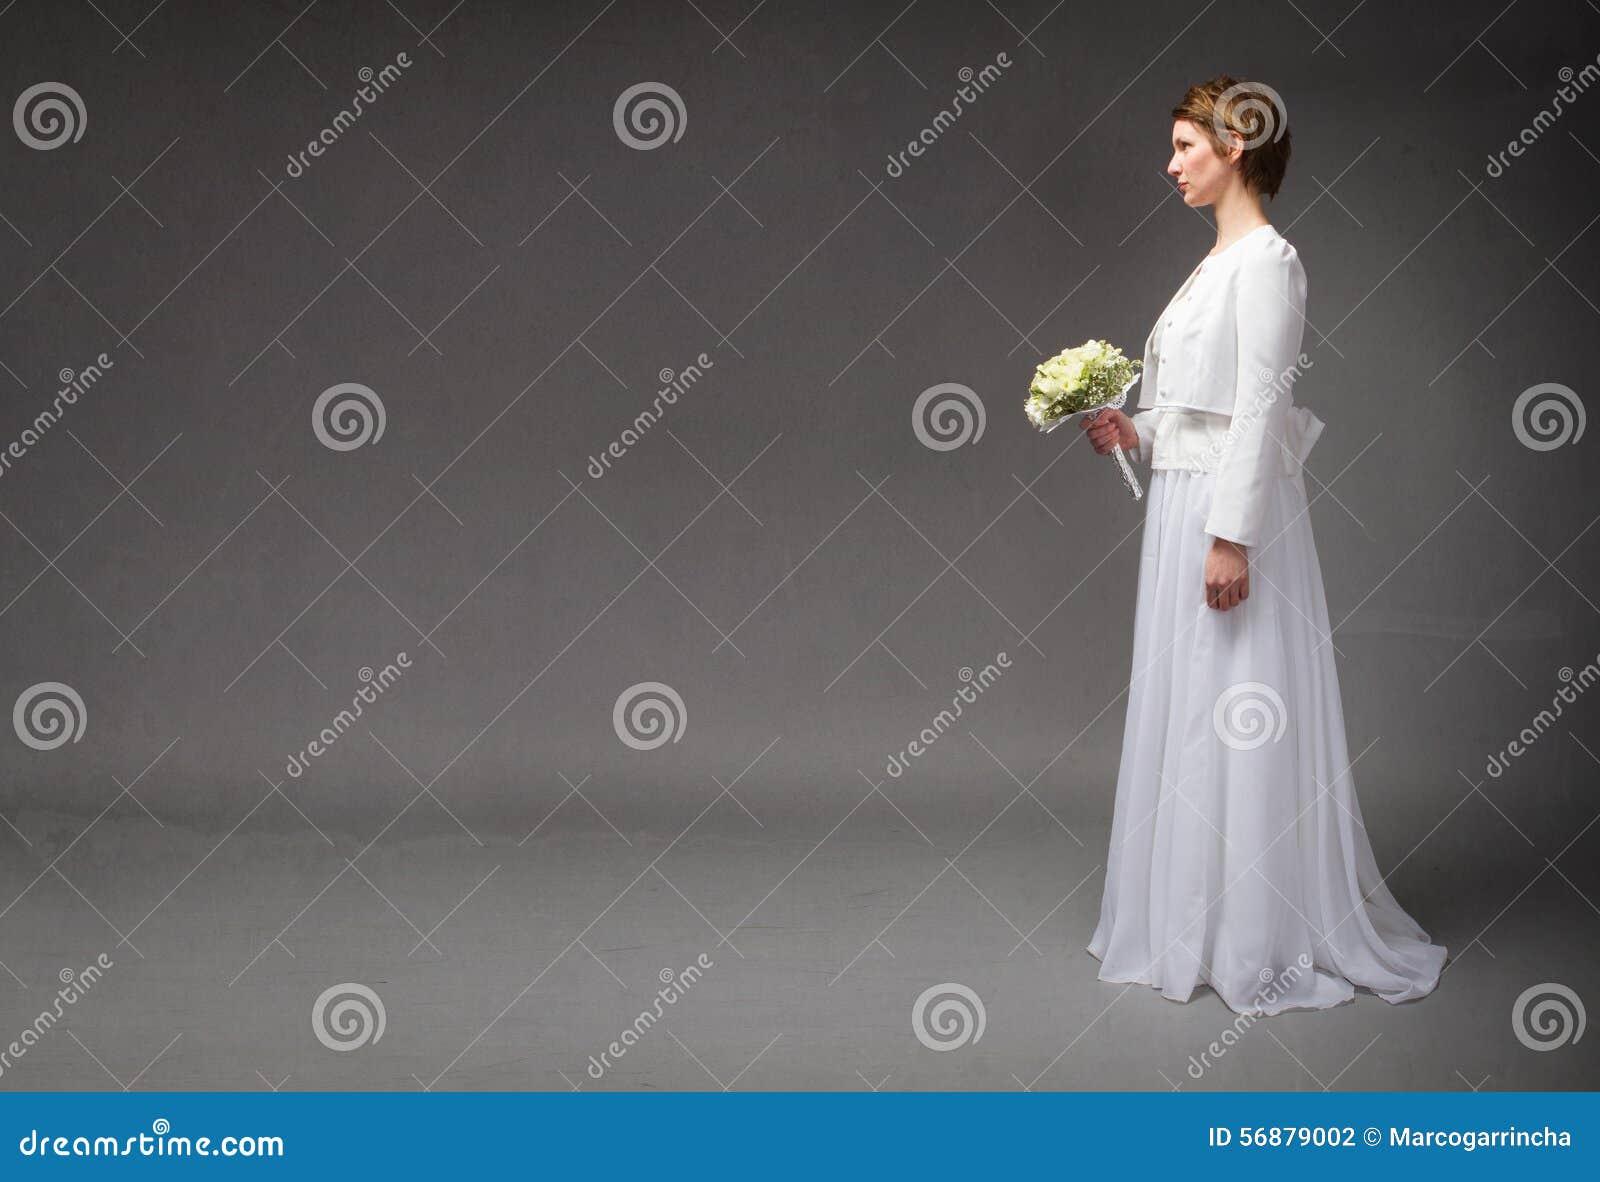 等待的新娘,当站立时